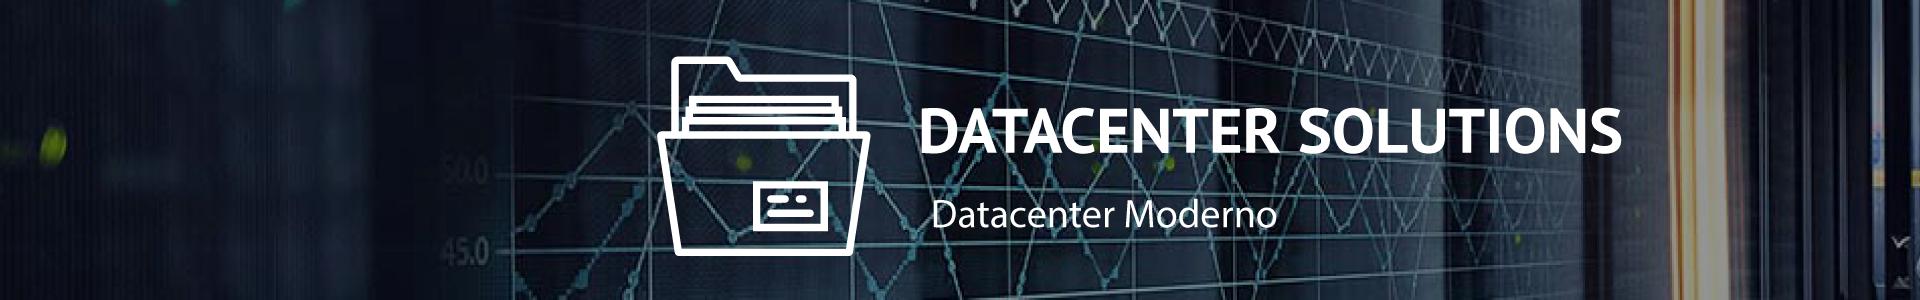 Datacenter-moderno Conheça nossos Datacenters